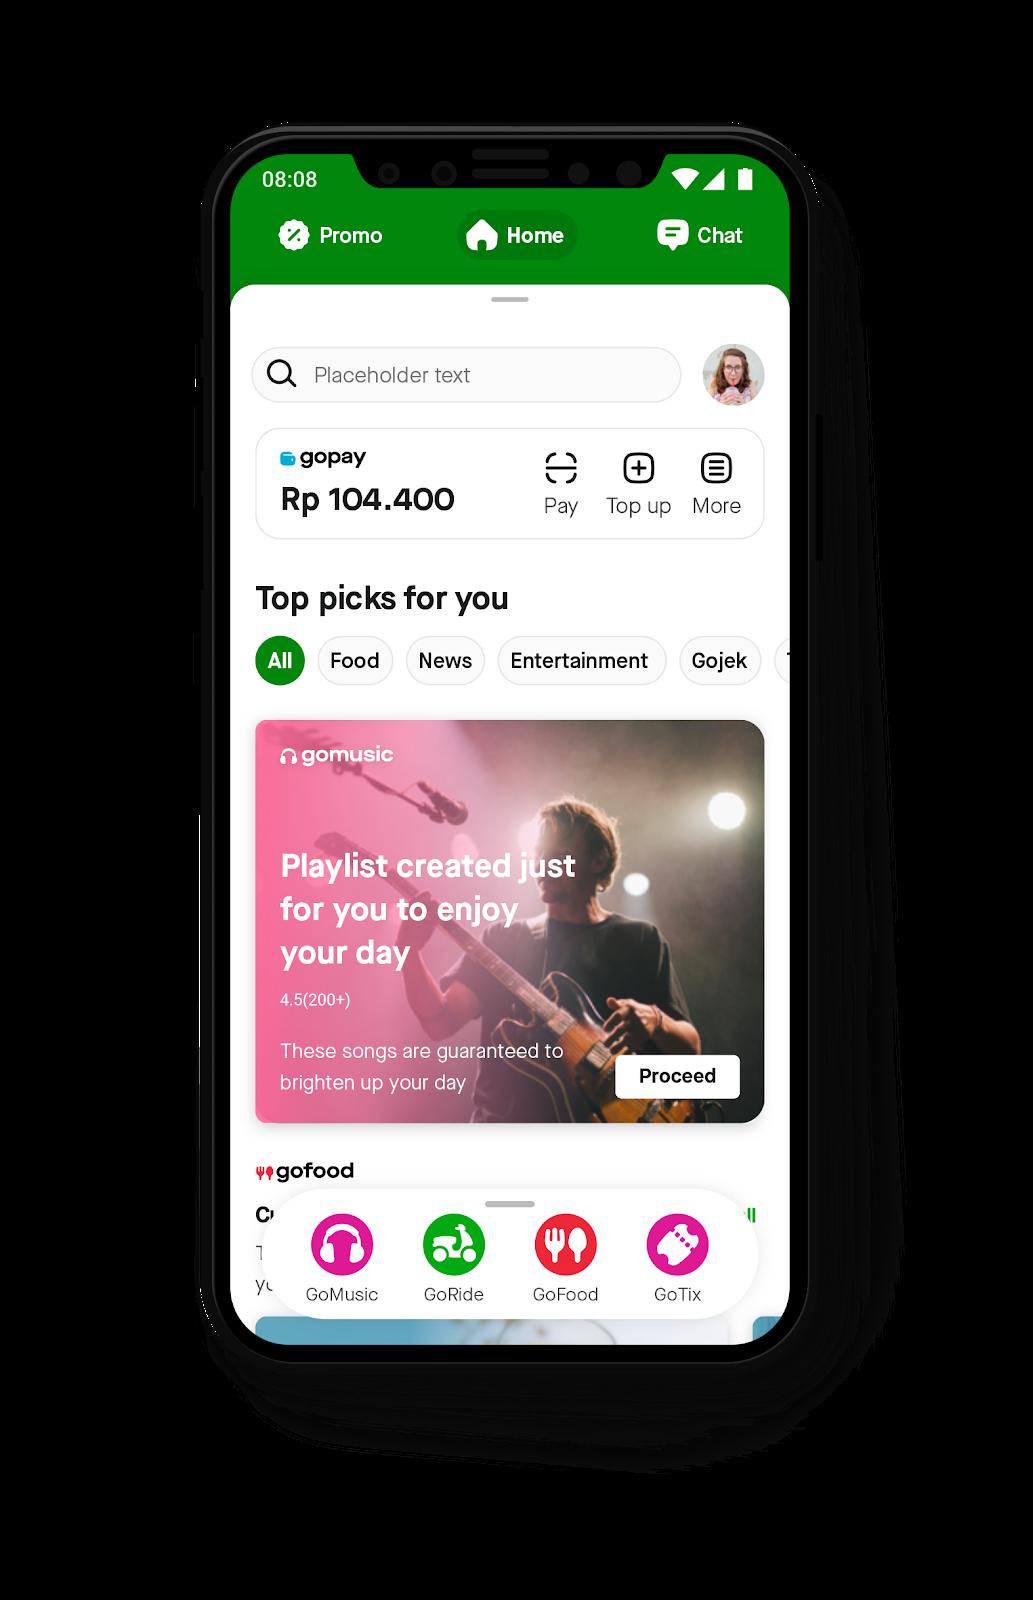 Update Tampilan Baru Gojek Akses Layanan Apapun Jadi Makin Gampang Gojek